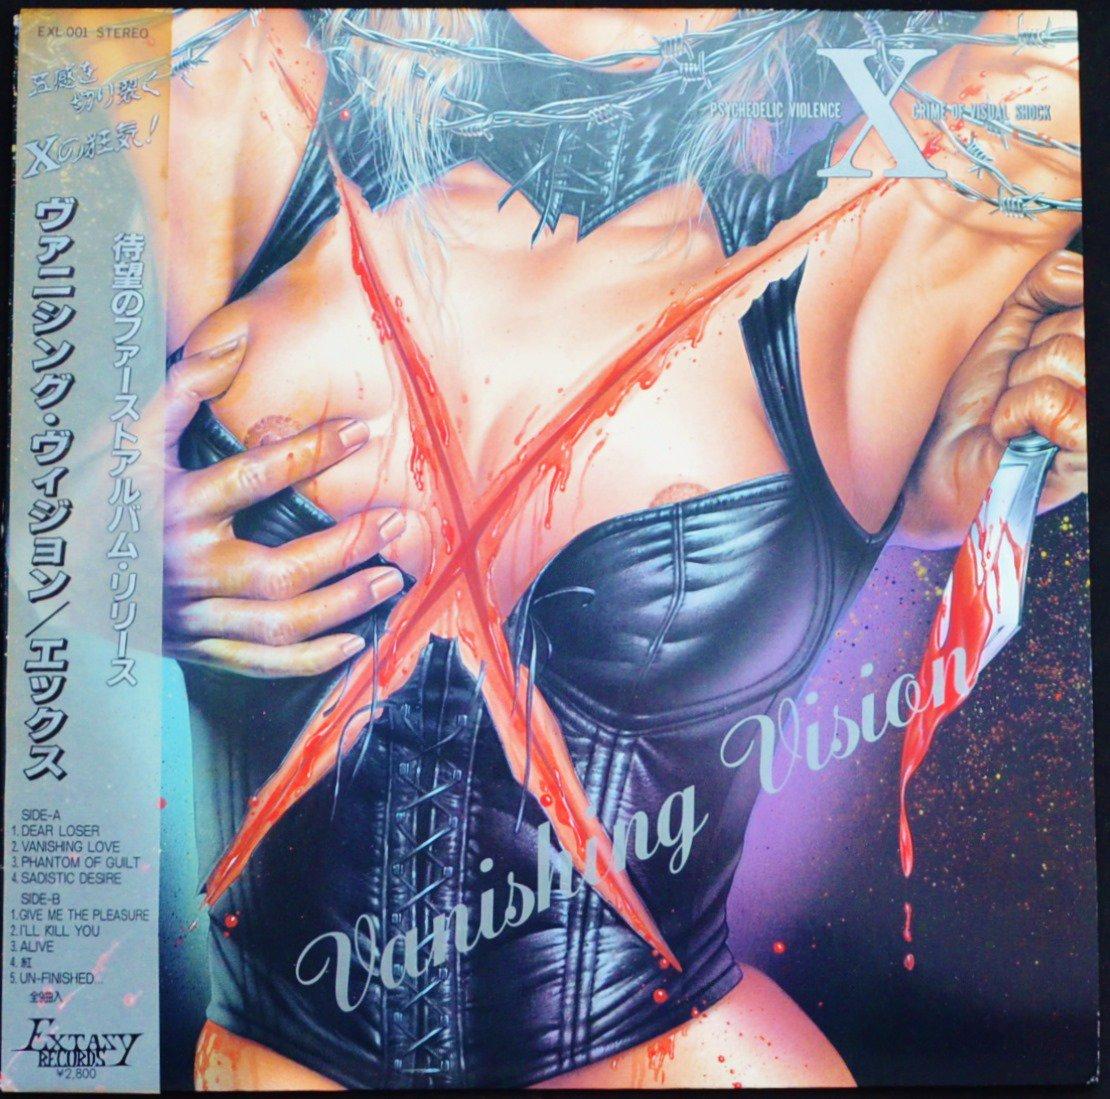 エックス X (X JAPAN) / ヴァニシング・ヴィジョン VANISHING VISION (LP)